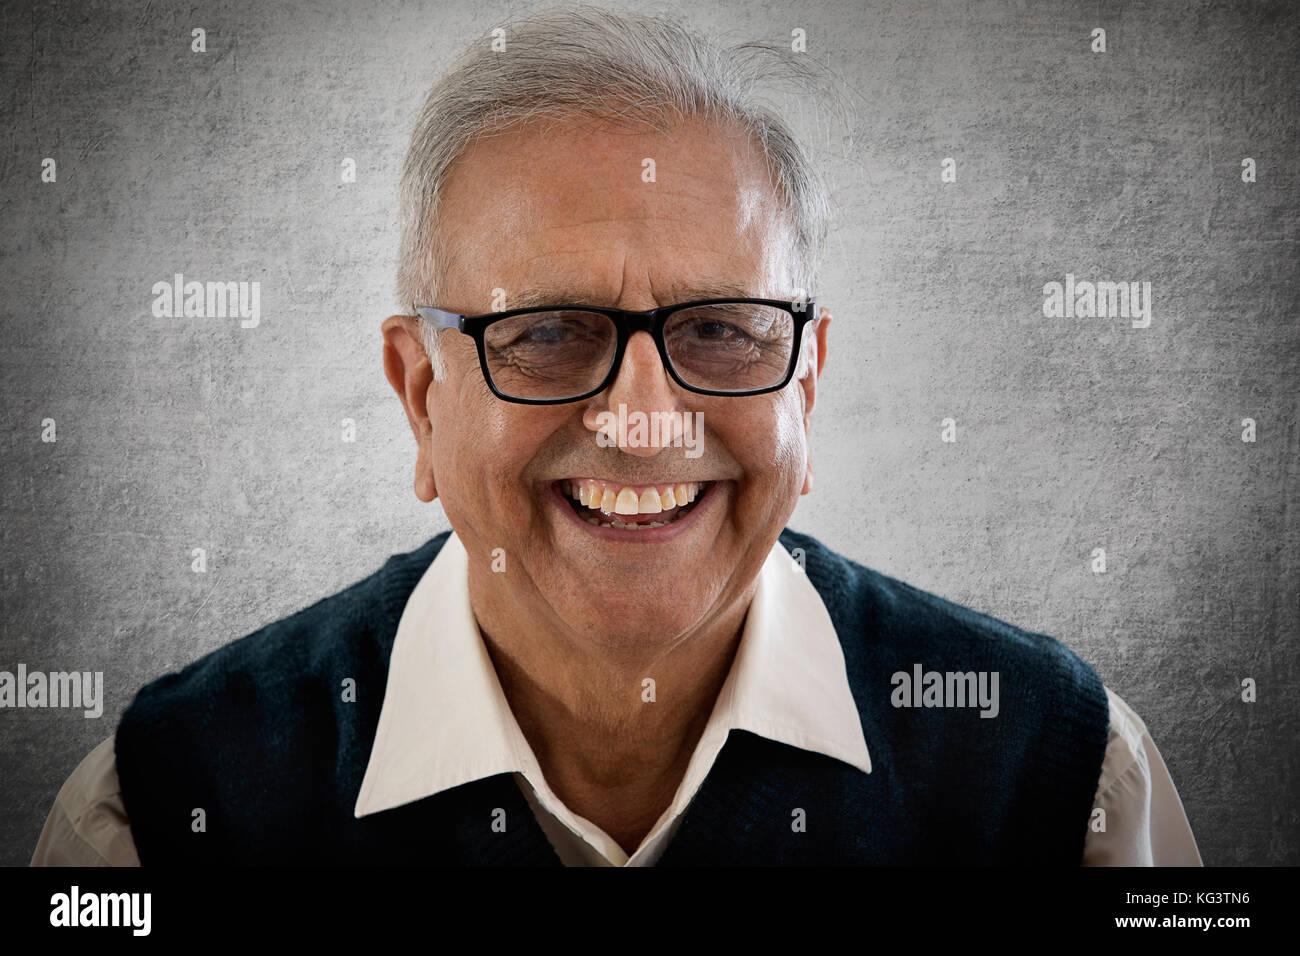 Retrato del anciano sonriente llevar gafas Imagen De Stock